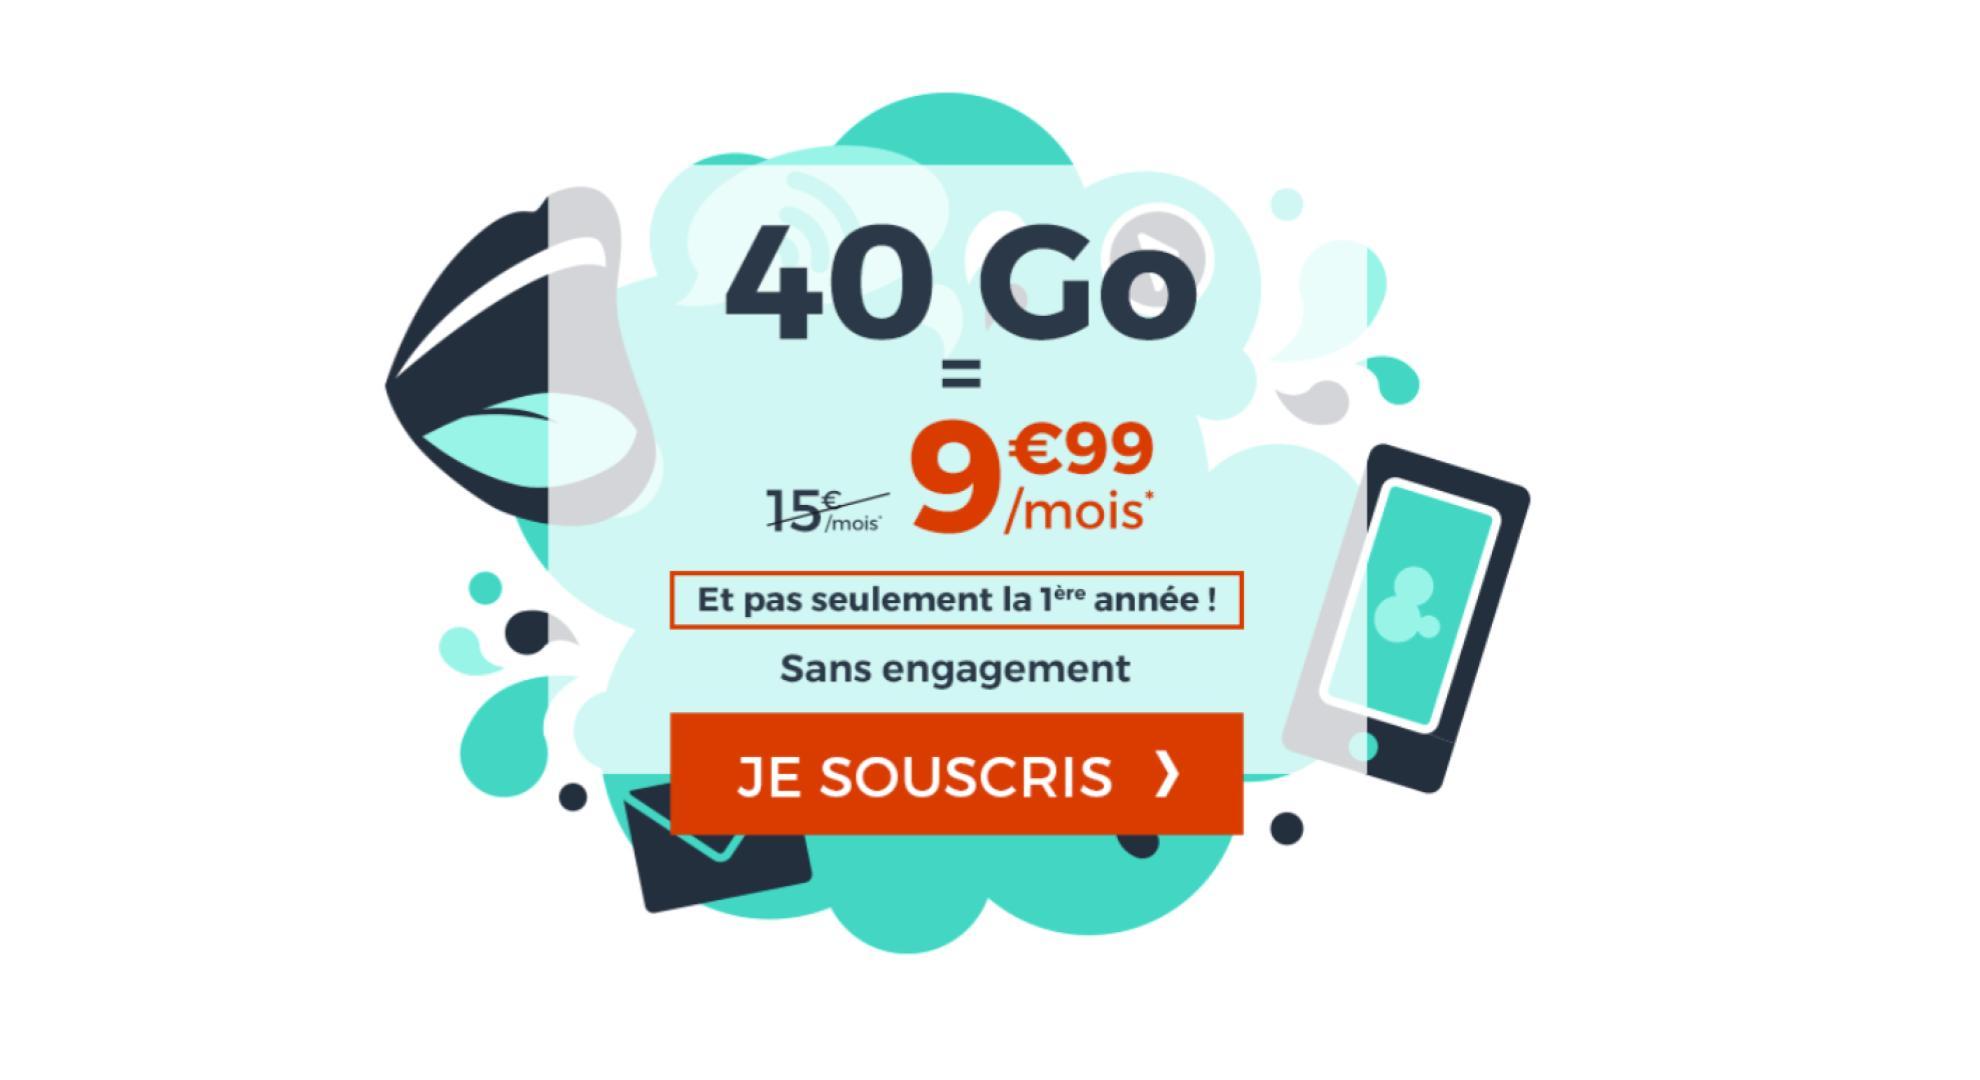 🔥 Bon plan : un forfait mobile 40 Go à 9,99 euros par mois à vie (et sans engagement)